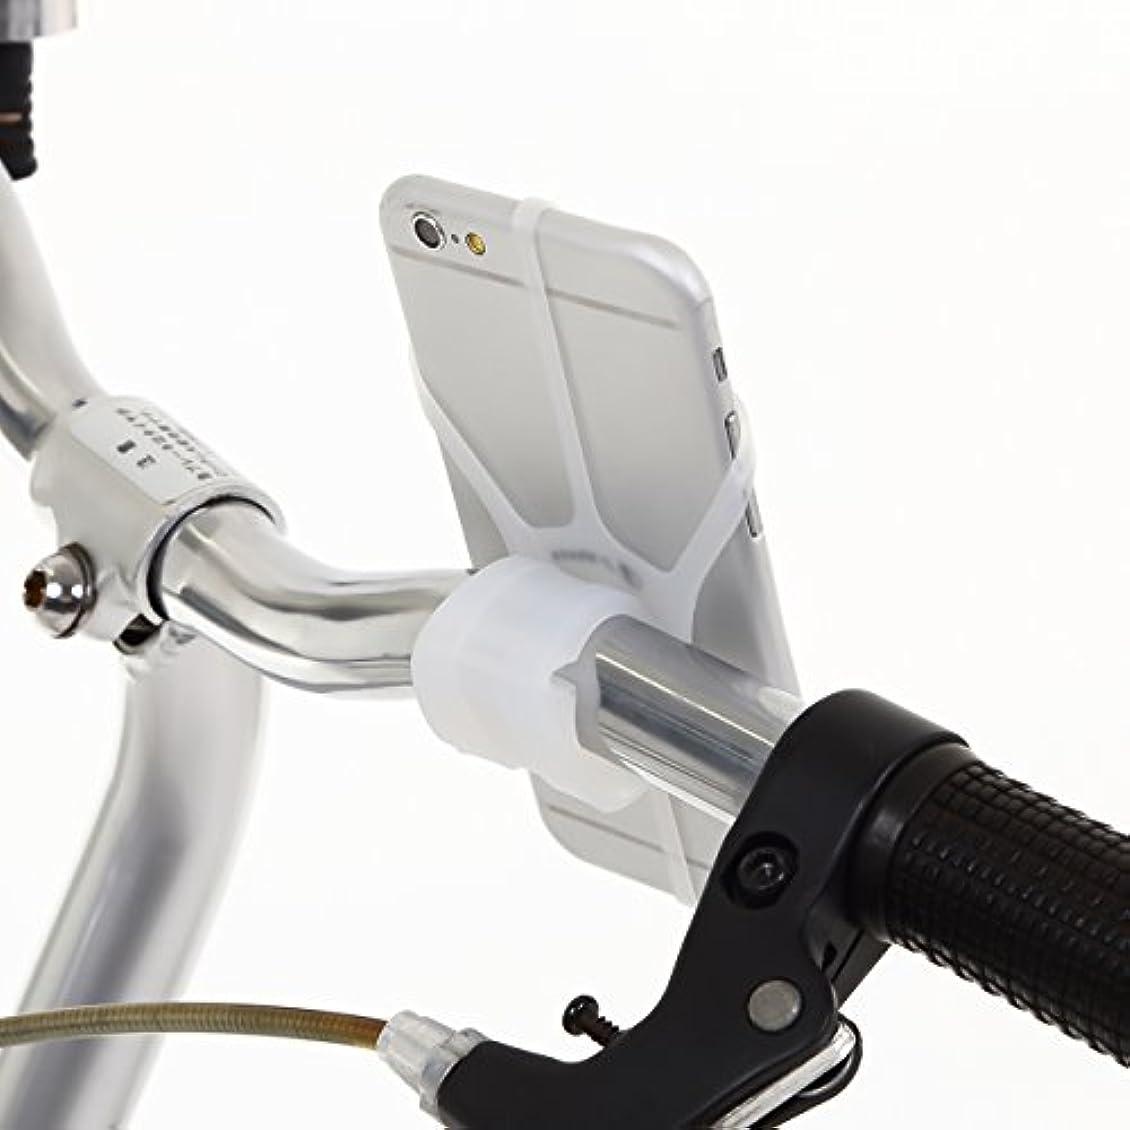 ピストン議会中断J-Vesta 自転車 スマート ホルダー 固定 スタンド シリコン タイプ iPhone7 柔軟性